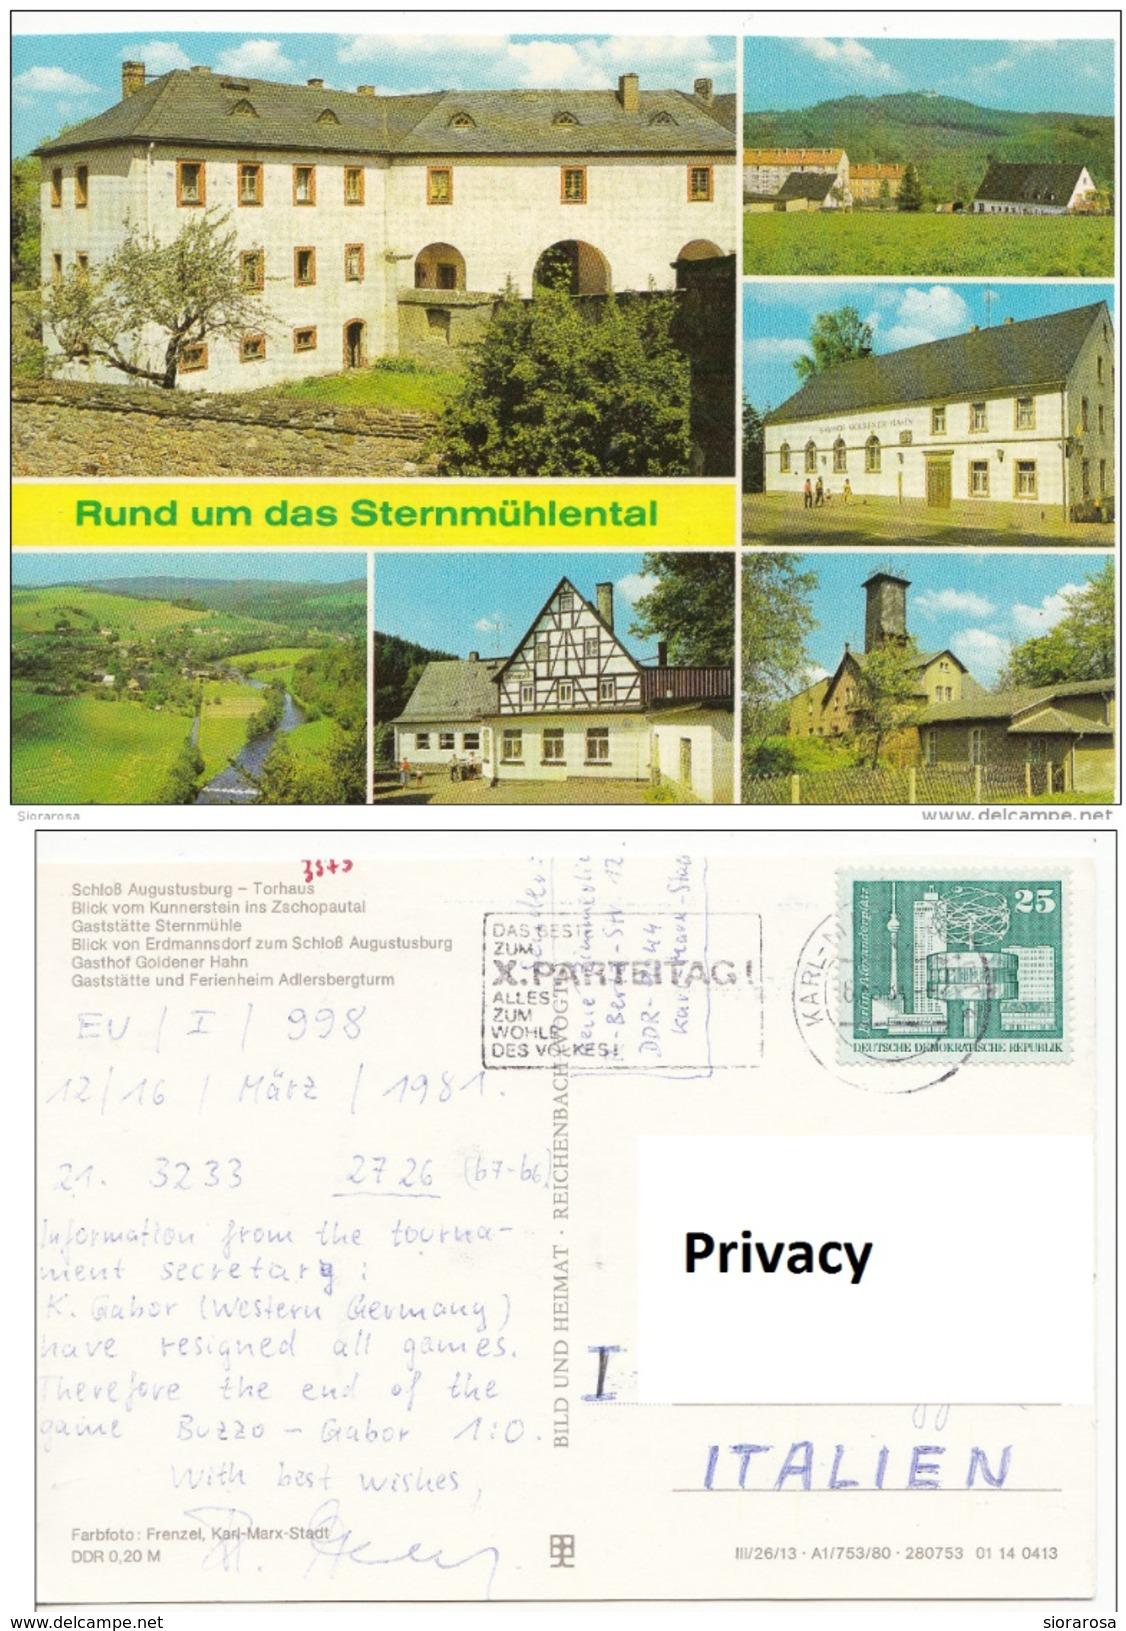 Germania Augustusburg - Torhaus - Rund Um Das Sternmuhlental - Auersberg